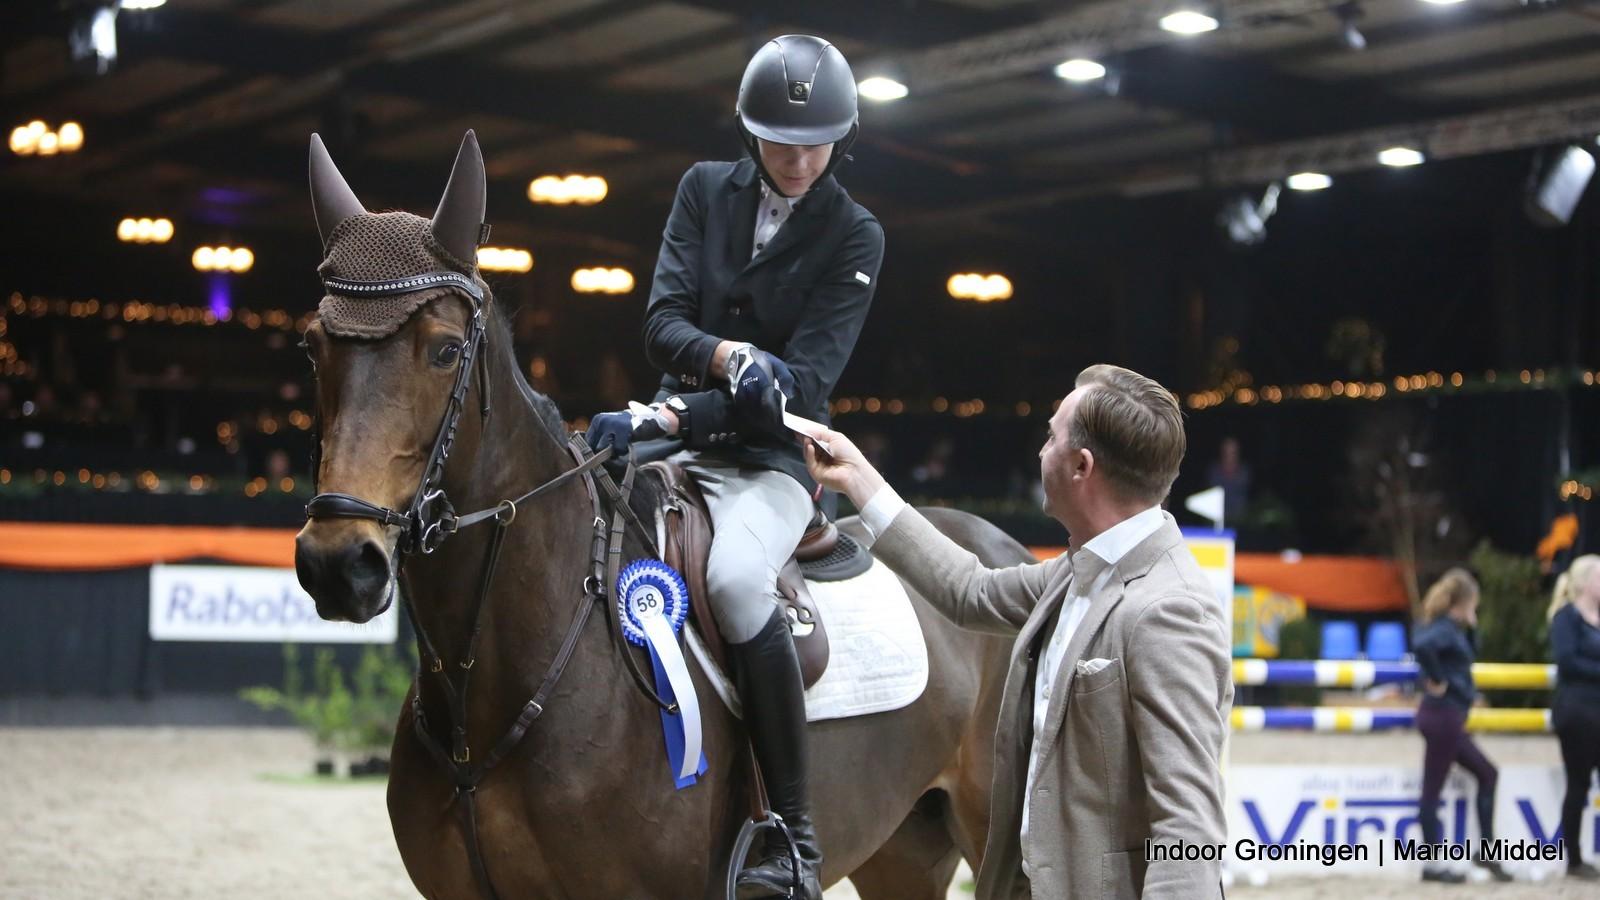 Jordi Koopmans de beste in L-finale Indoor Groningen